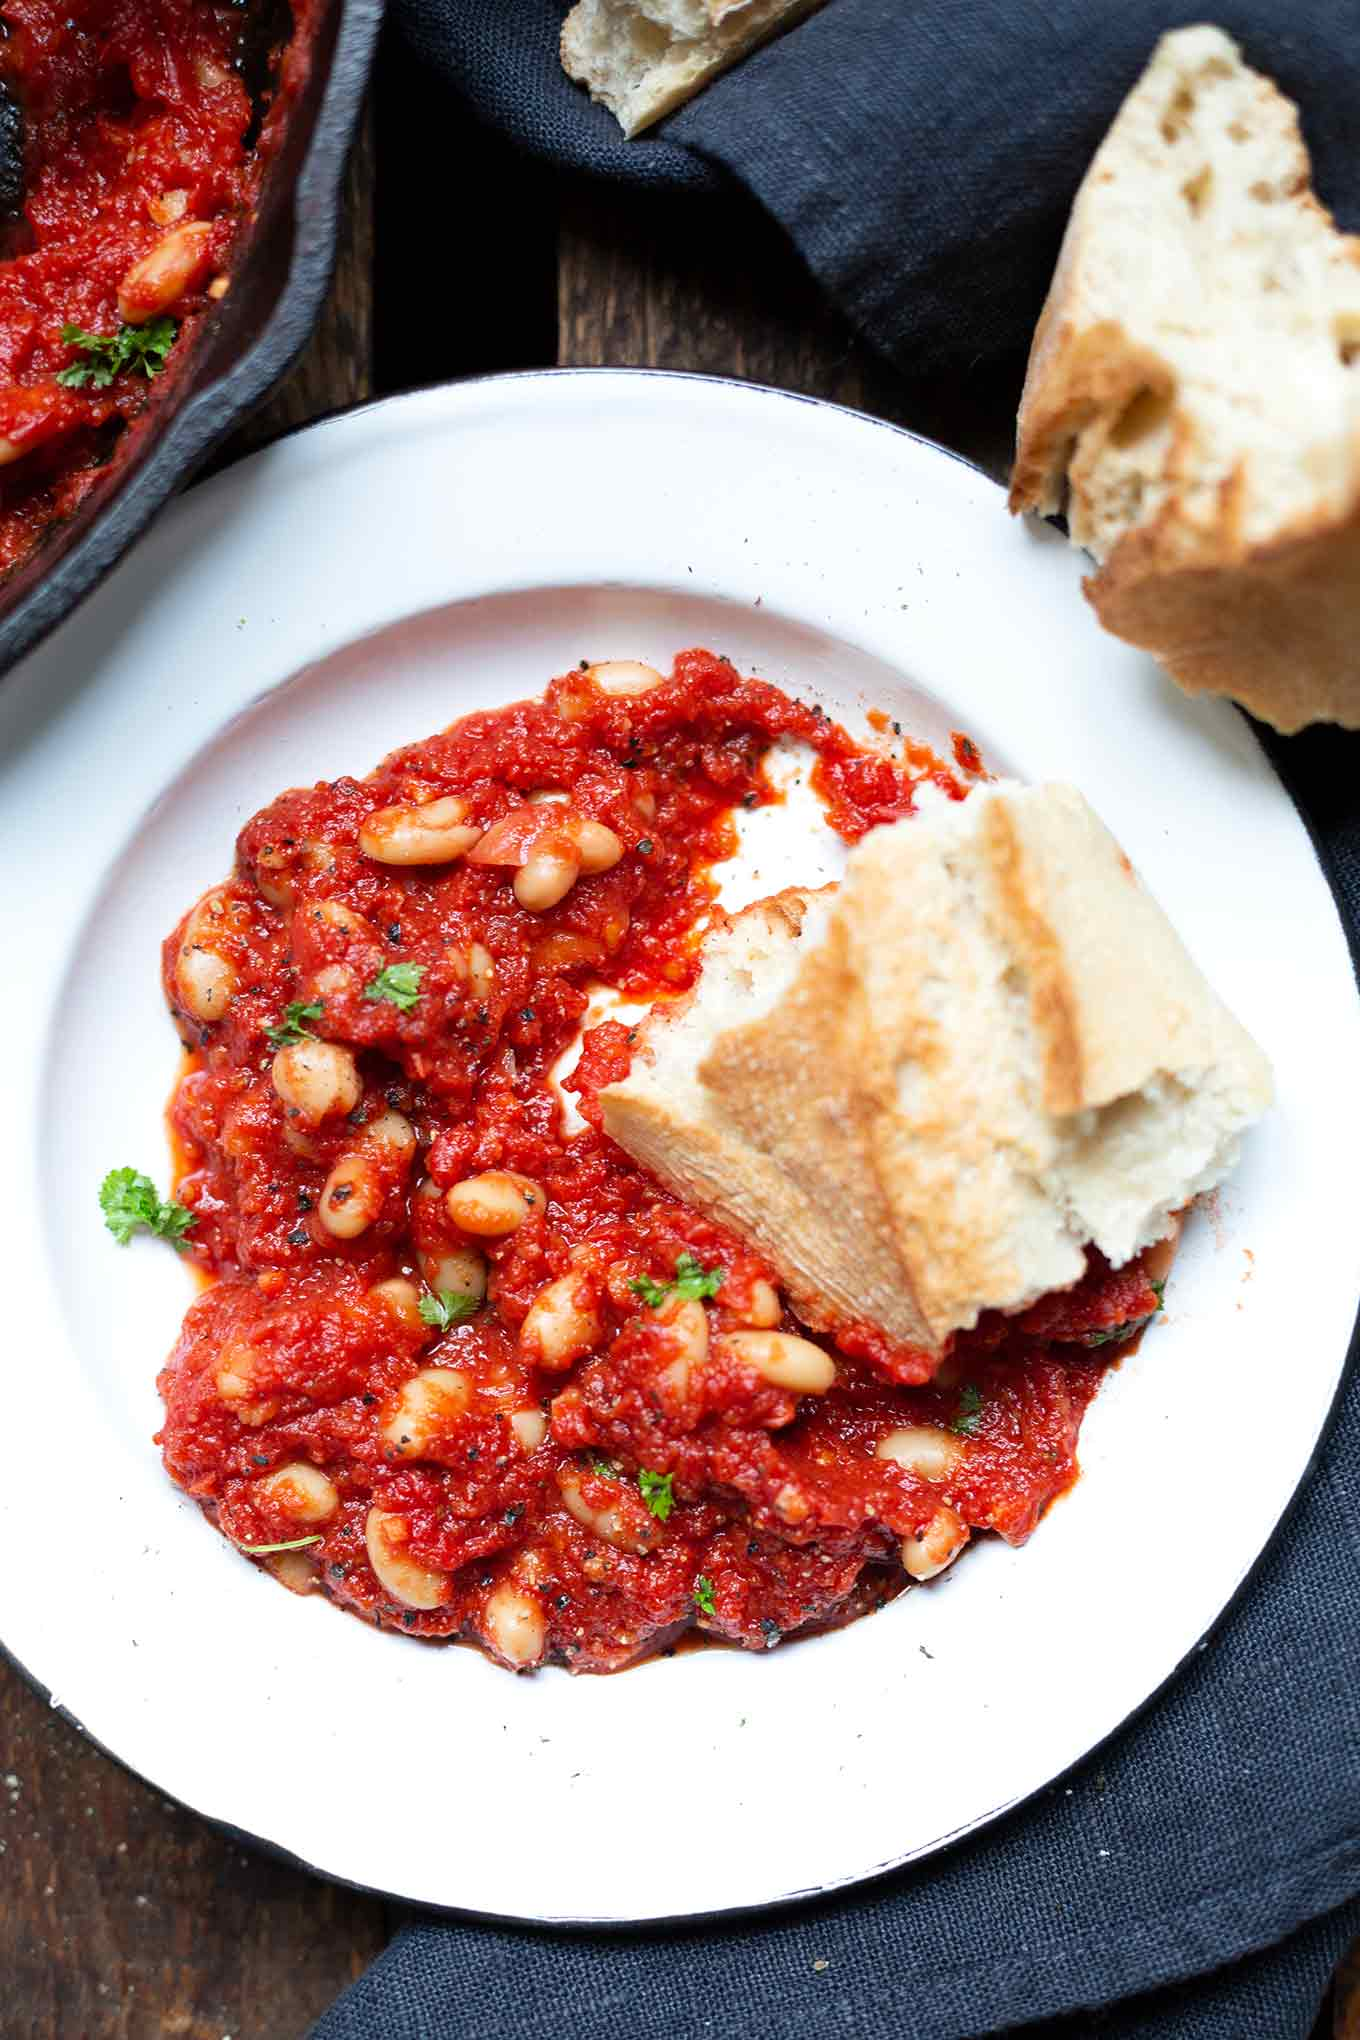 Baked Beans. Für dieses turboschnelle, herzhafte vegetarische Rezept brauchst du nur eine Pfanne und 5 Zutaten! - Kochkarussell.com #bakedbeans #rezept #vegetarisch #kochkarussell